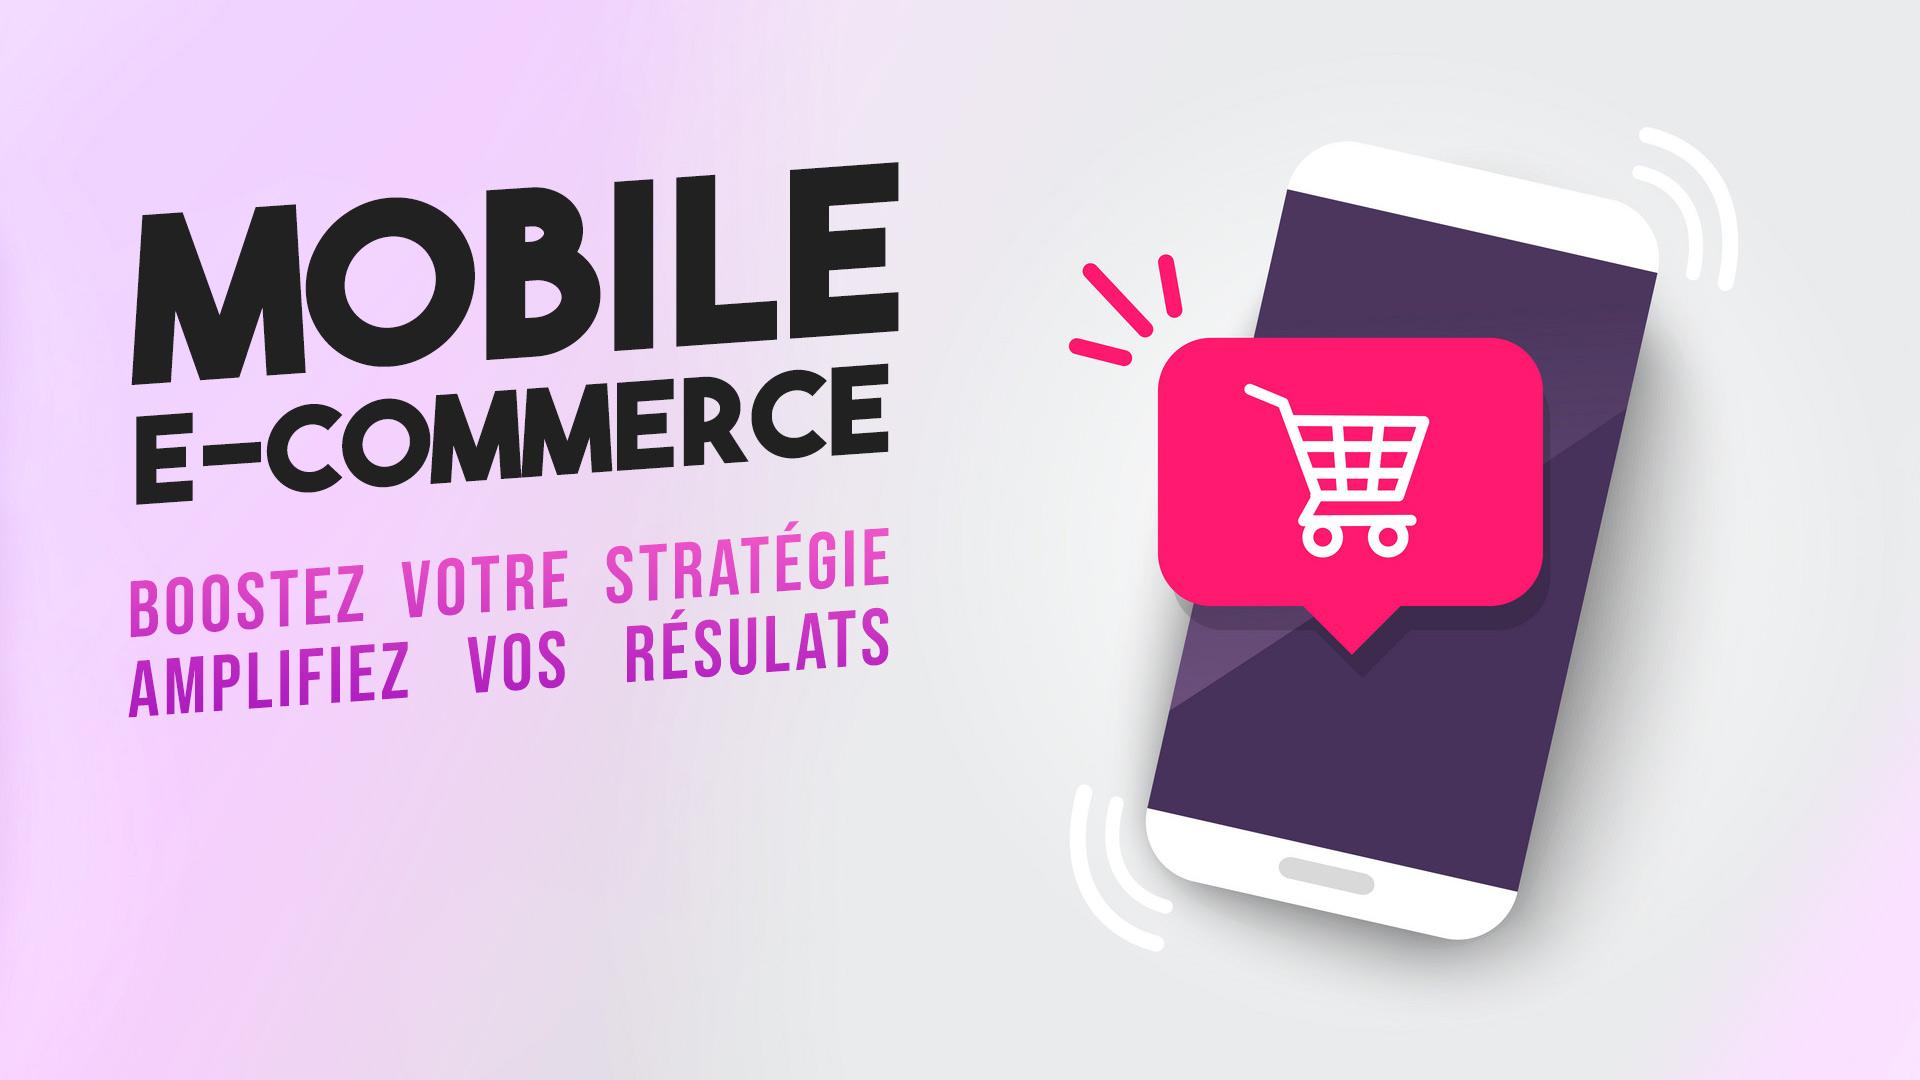 M-commerce : le poids du mobile dans votre stratégie marketing e-commerce 2020